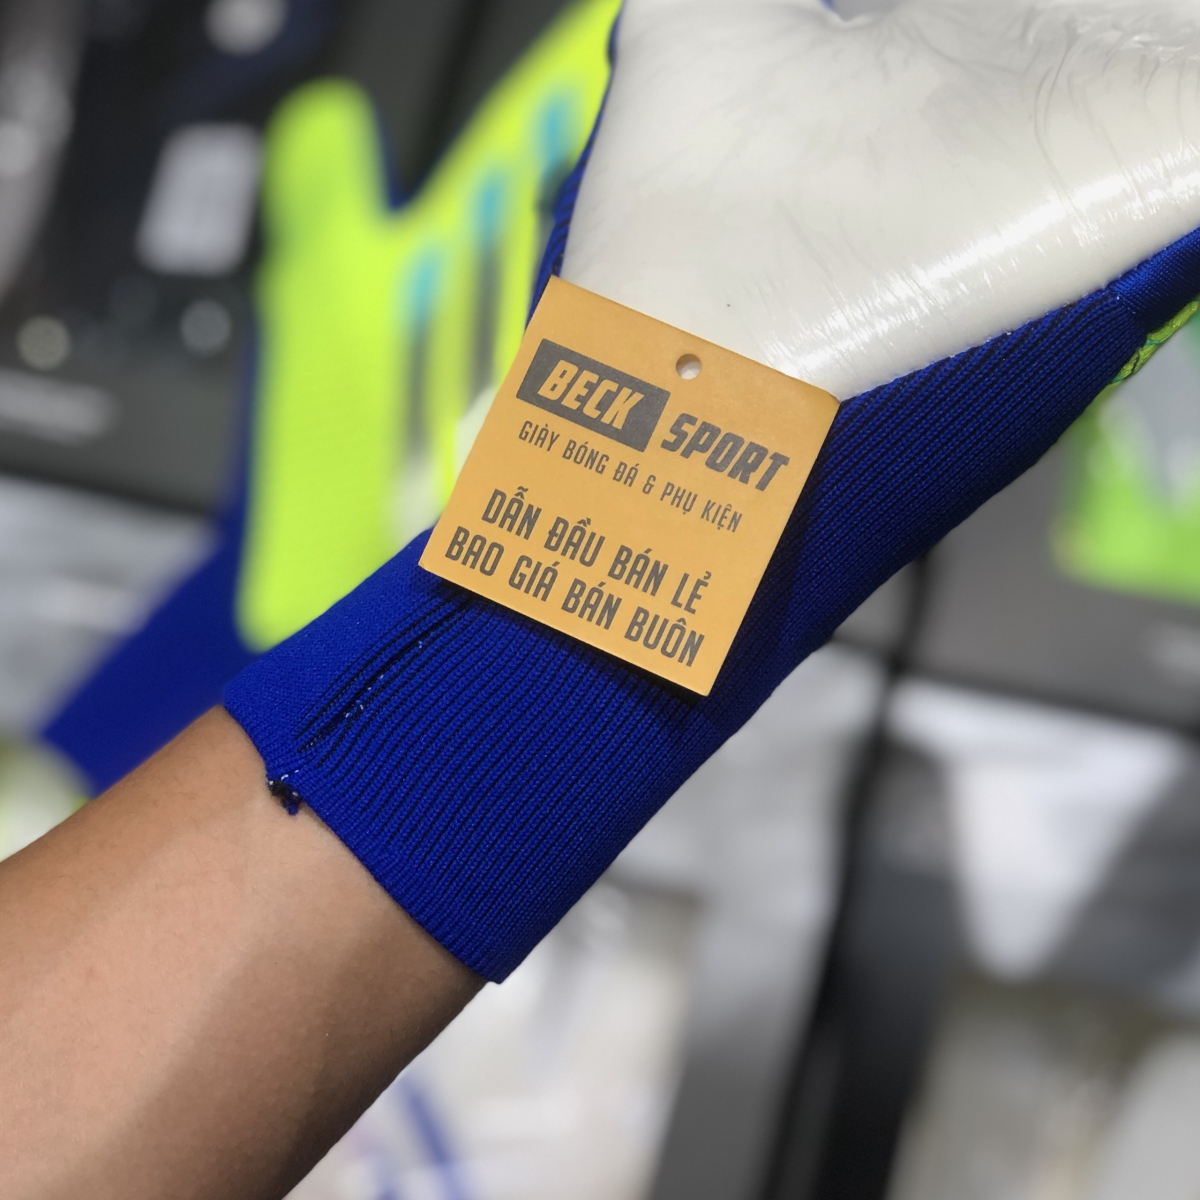 Găng Tay Adidas X Pro Nõn Chuối Xanh Biển Vạch Đen (Không Xương)